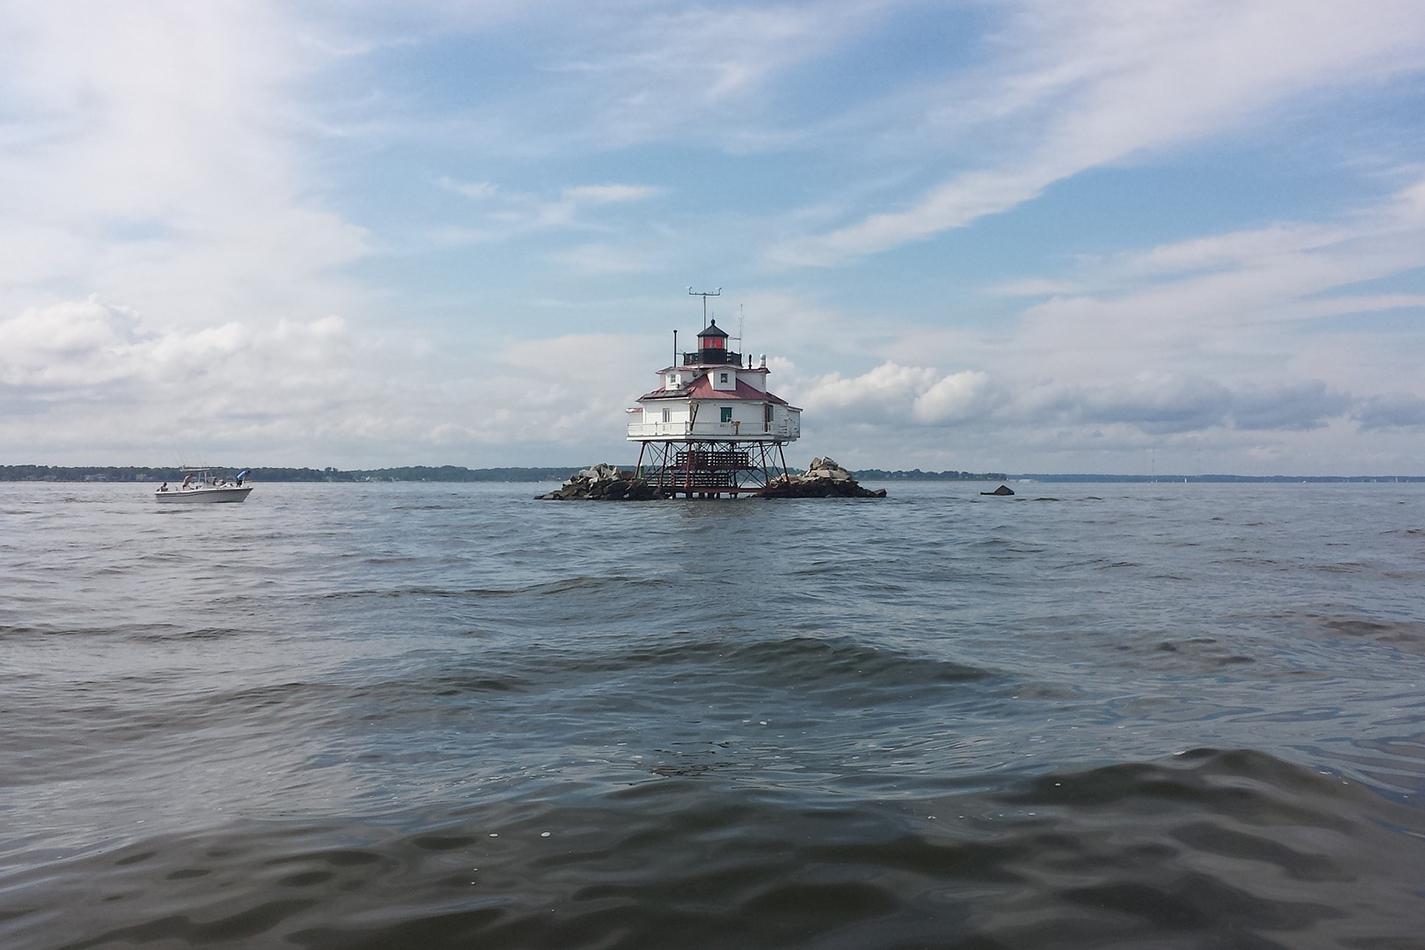 Sailndream : location de voiliers aux Etats-Unis, location de bateaux aux Etats-Unis